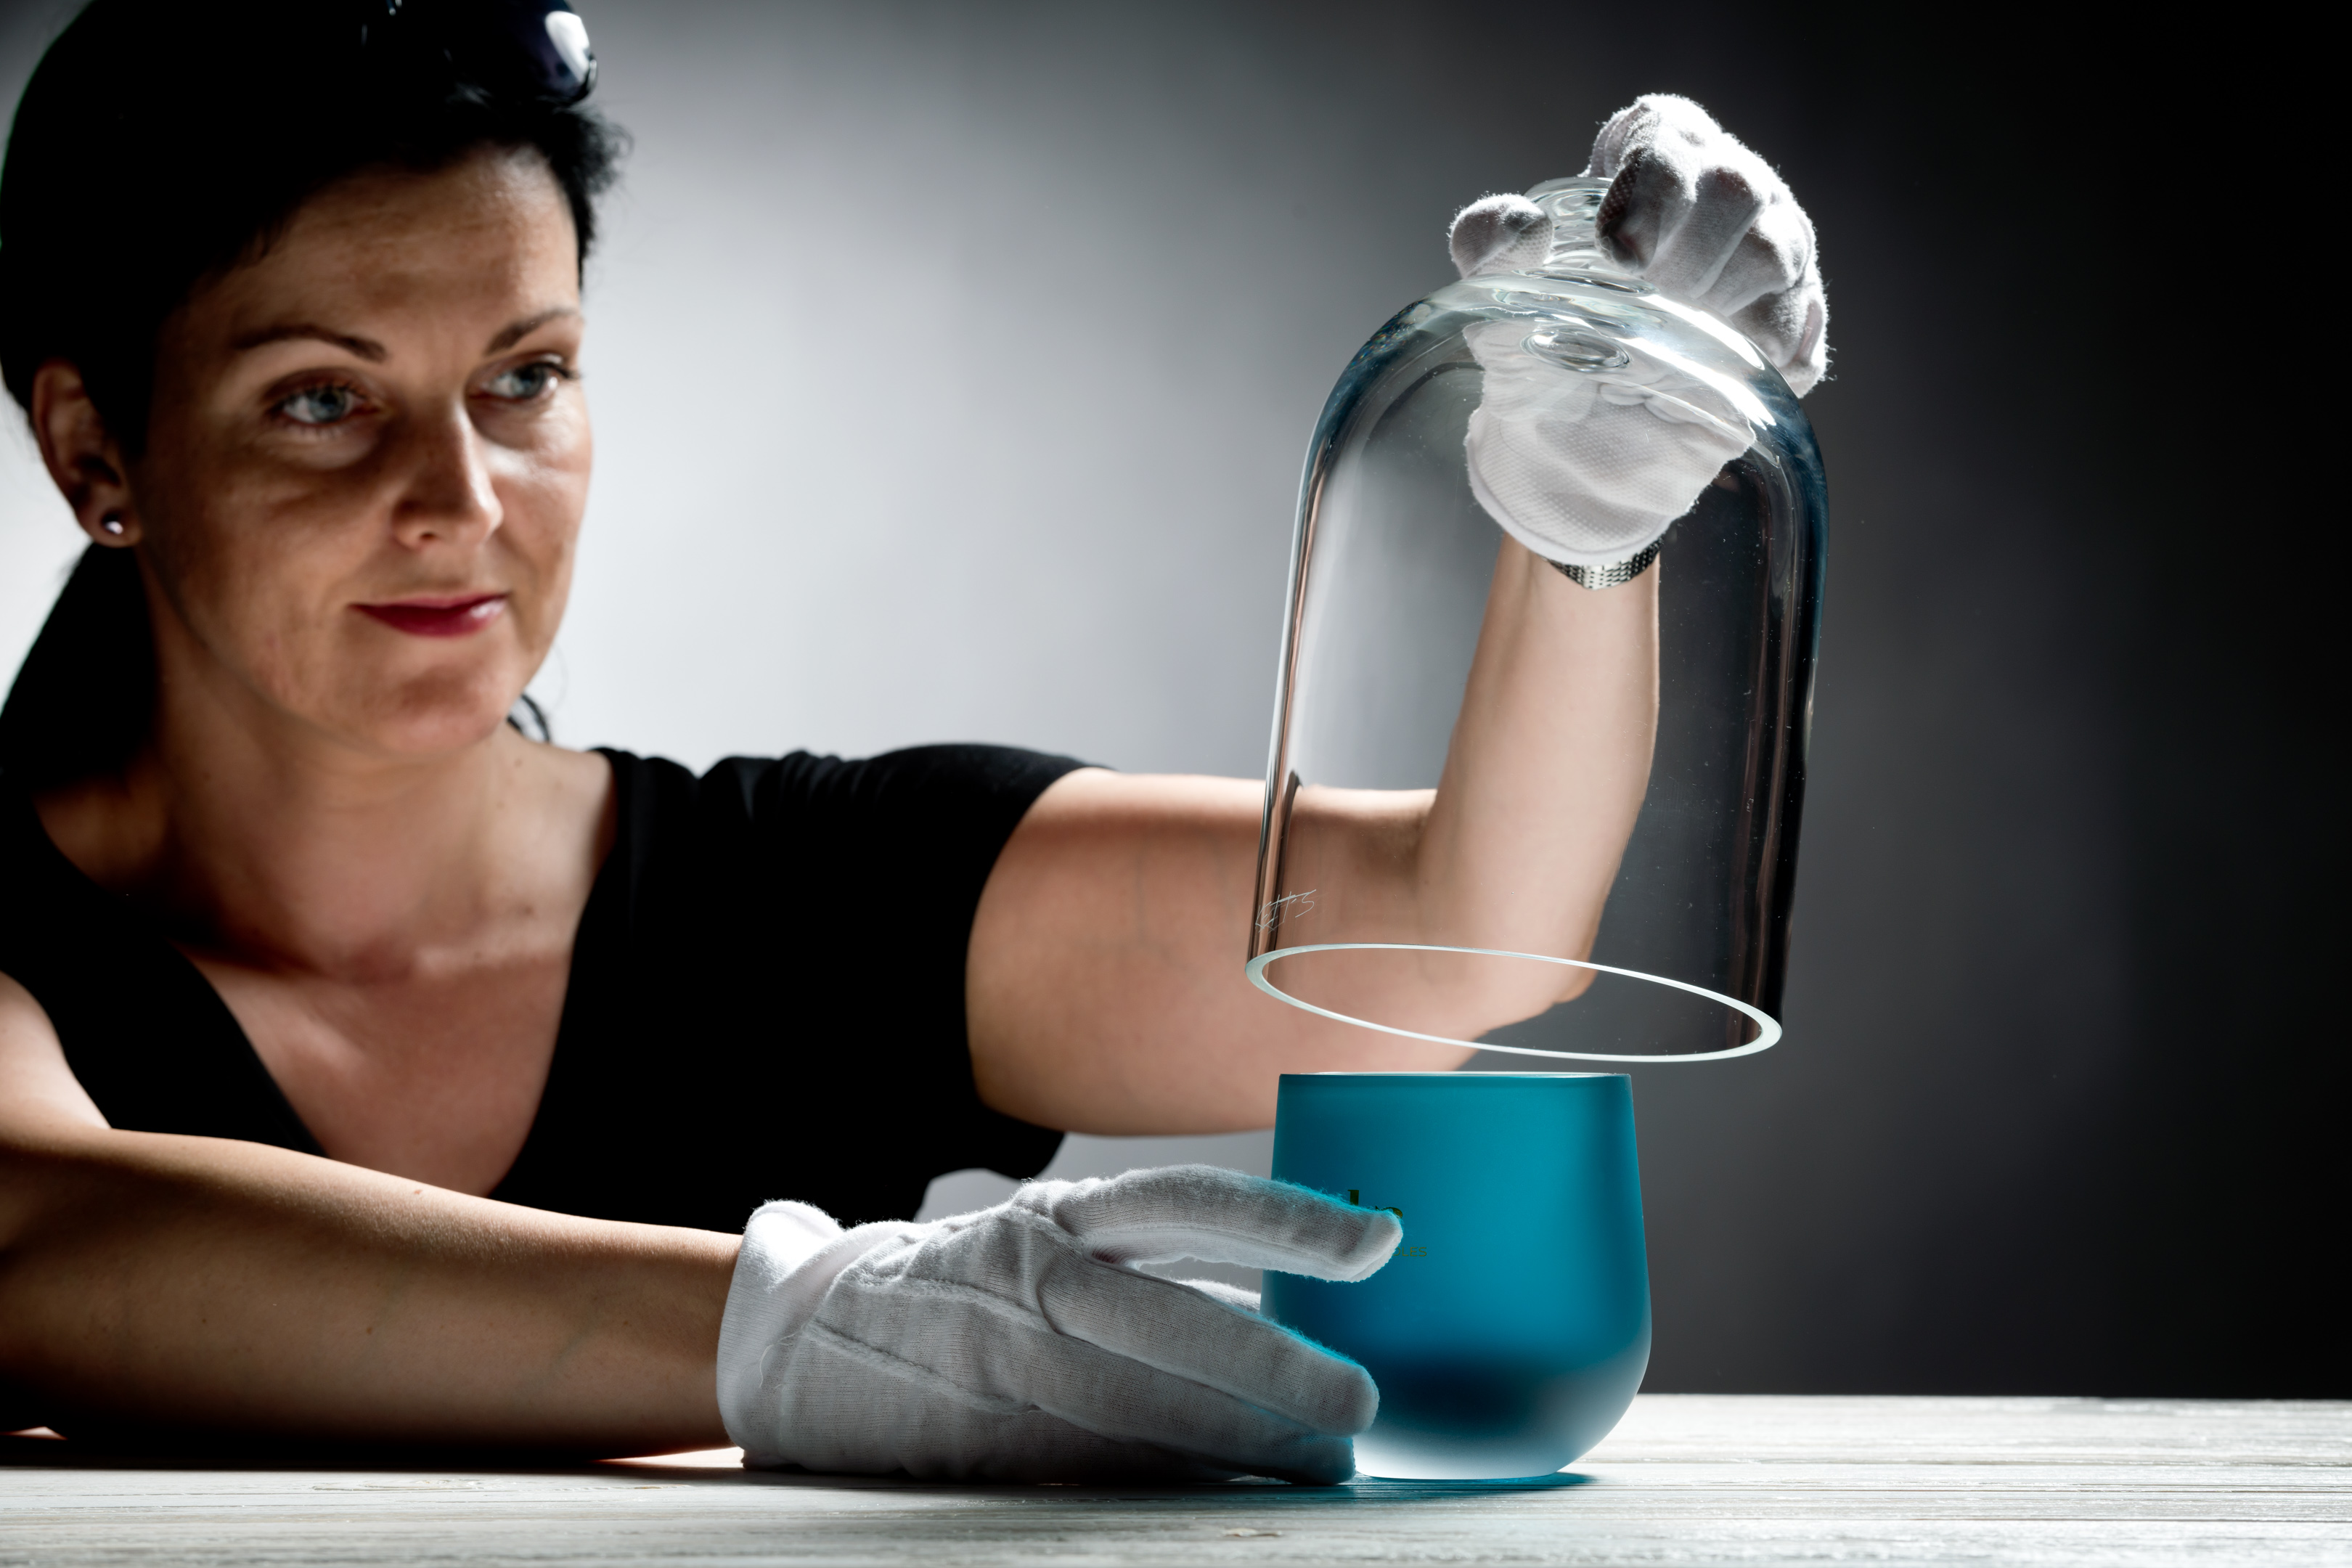 Bývalá záchranářka ve volném čase vyrábí luxusní svíčky. V podnikání se chce hlavně lišit